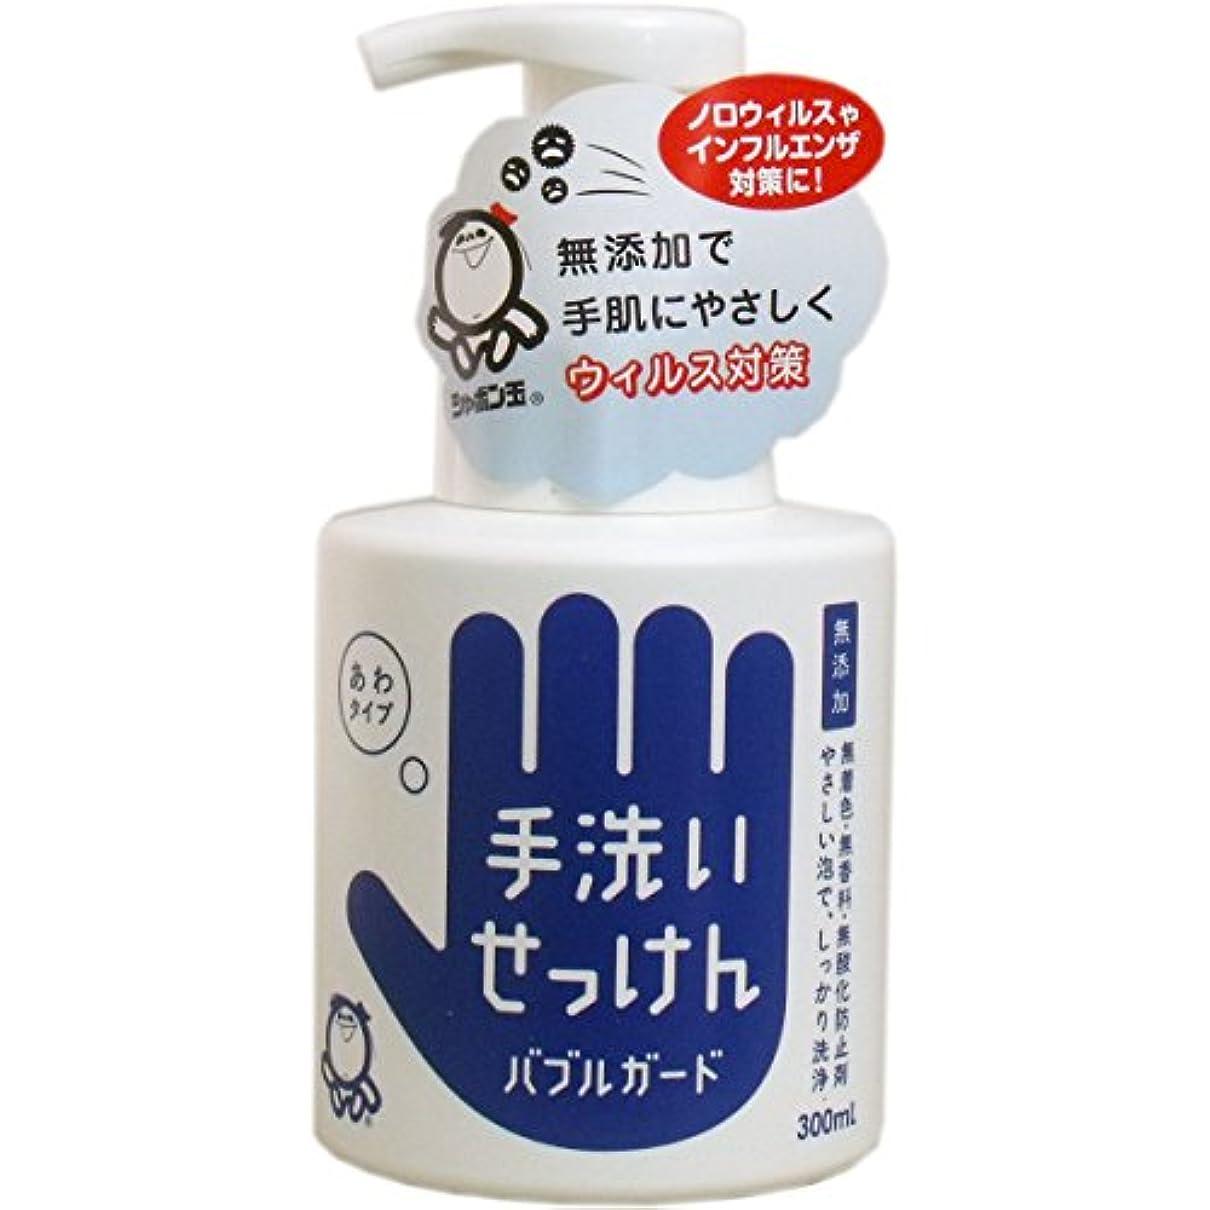 援助するカッター革命シャボン玉石けん 手洗いせっけん バブルガード 本体 300ml 1本